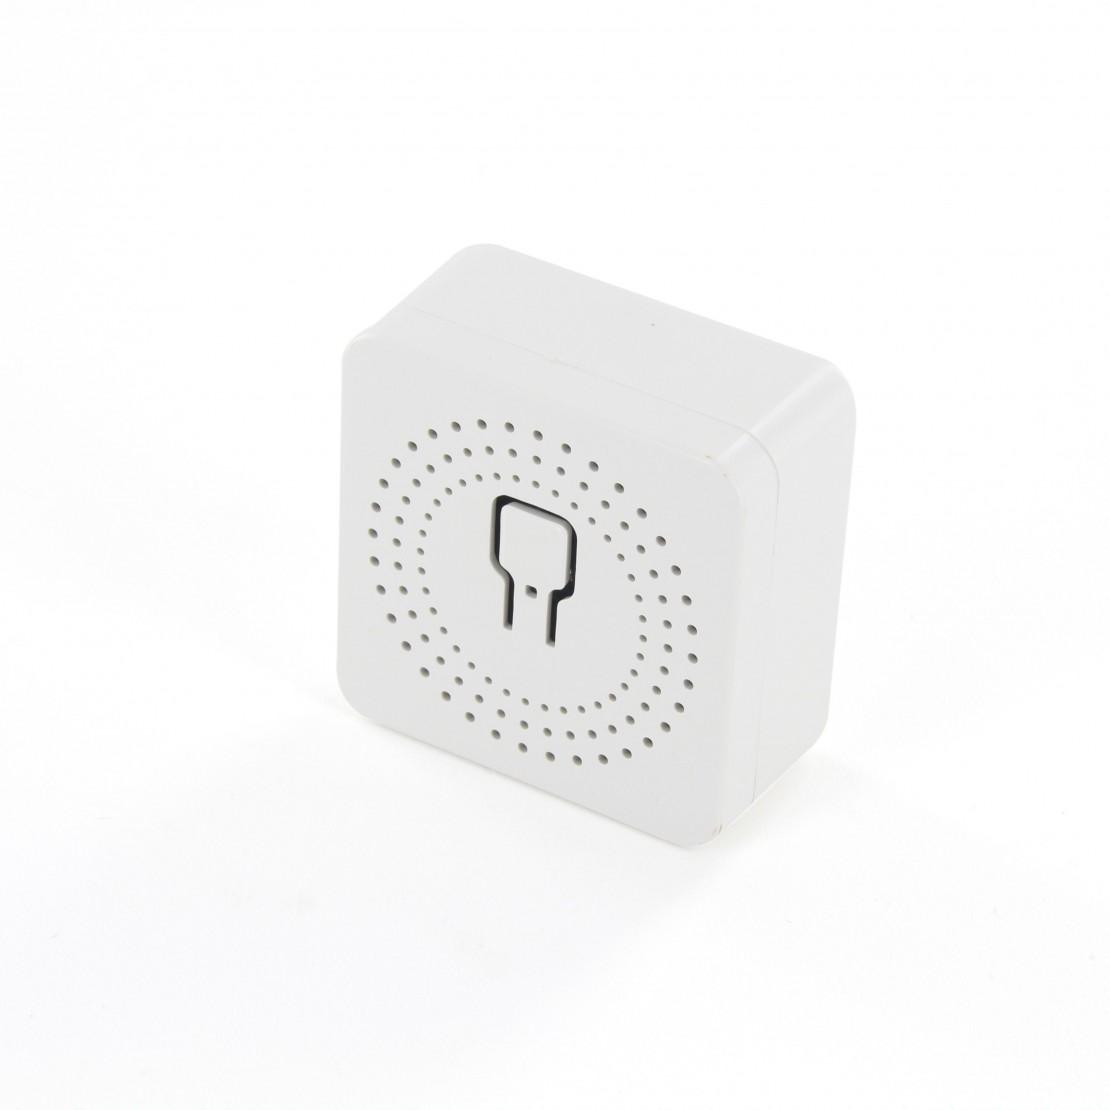 Mini-module for roller shutter